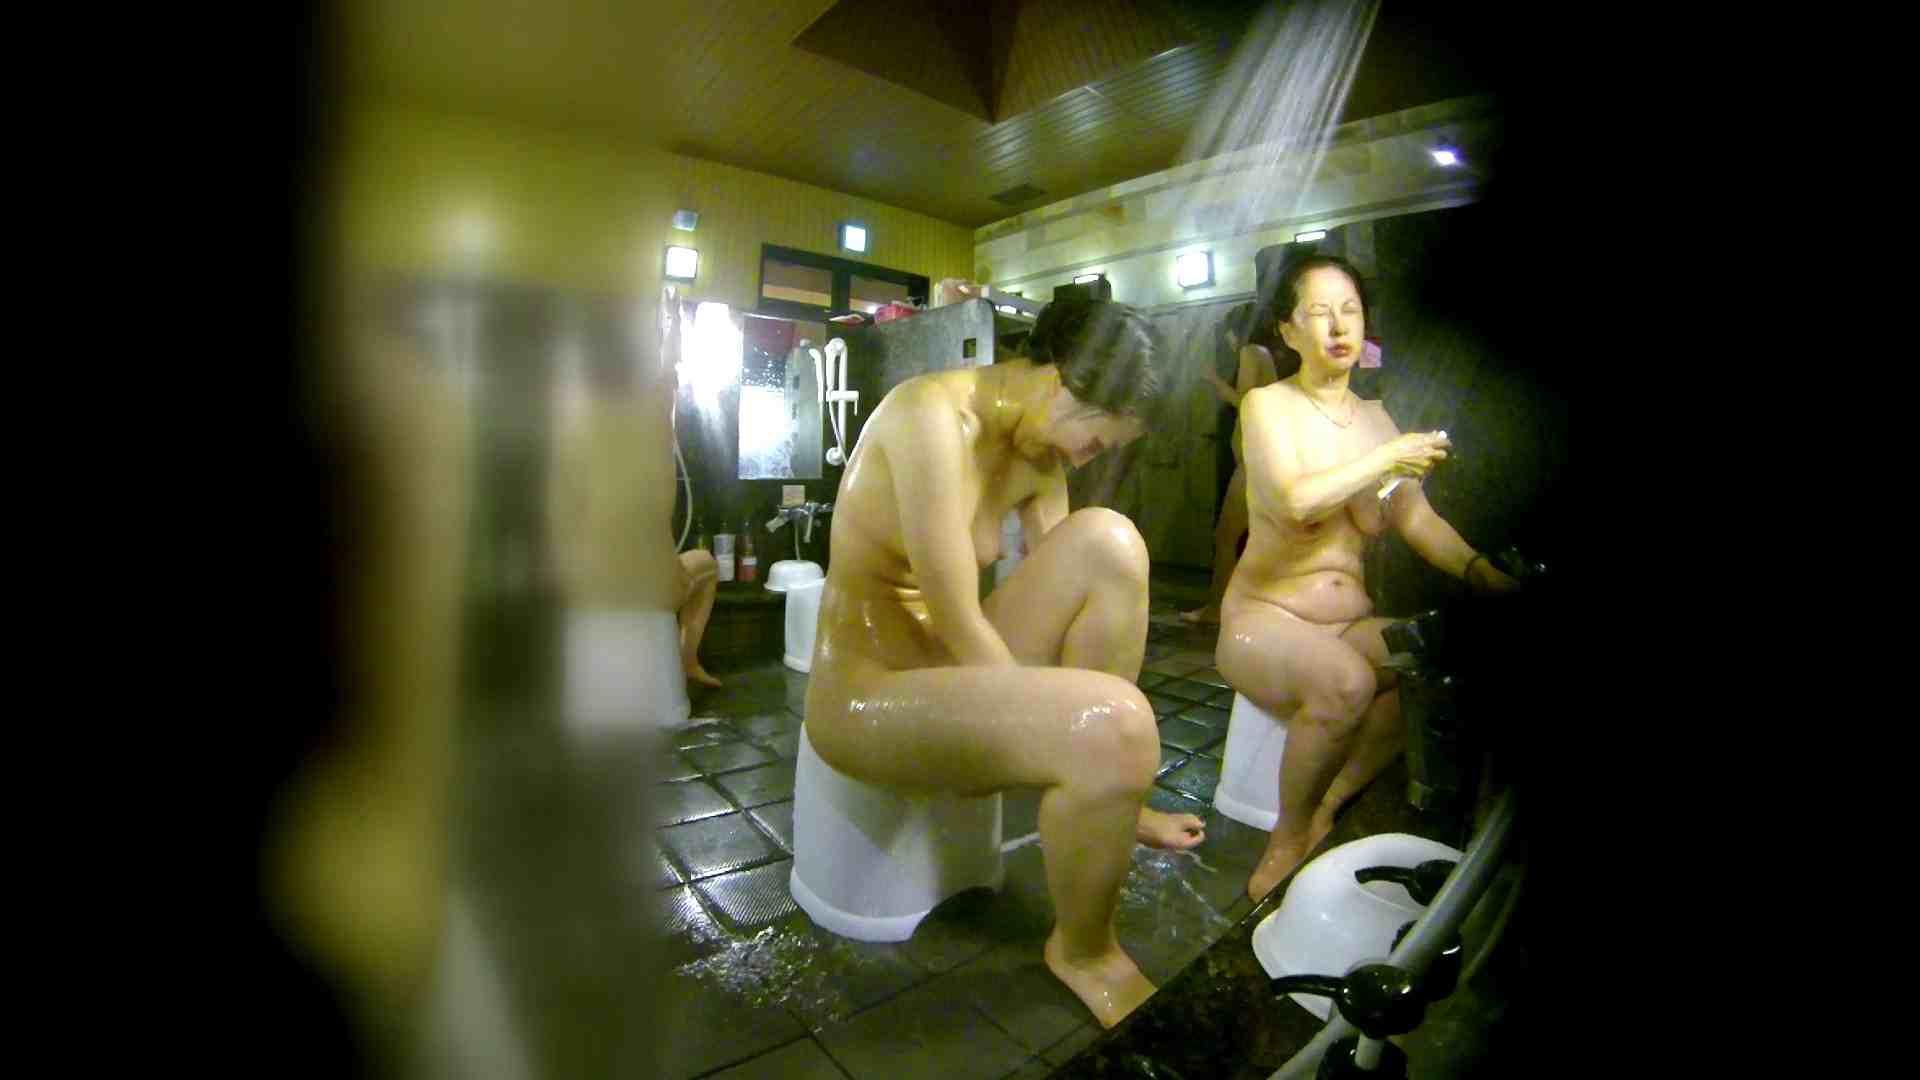 洗い場!右足の位置がいいですね。陰毛もっさり! 美肌 おめこ無修正画像 74画像 38